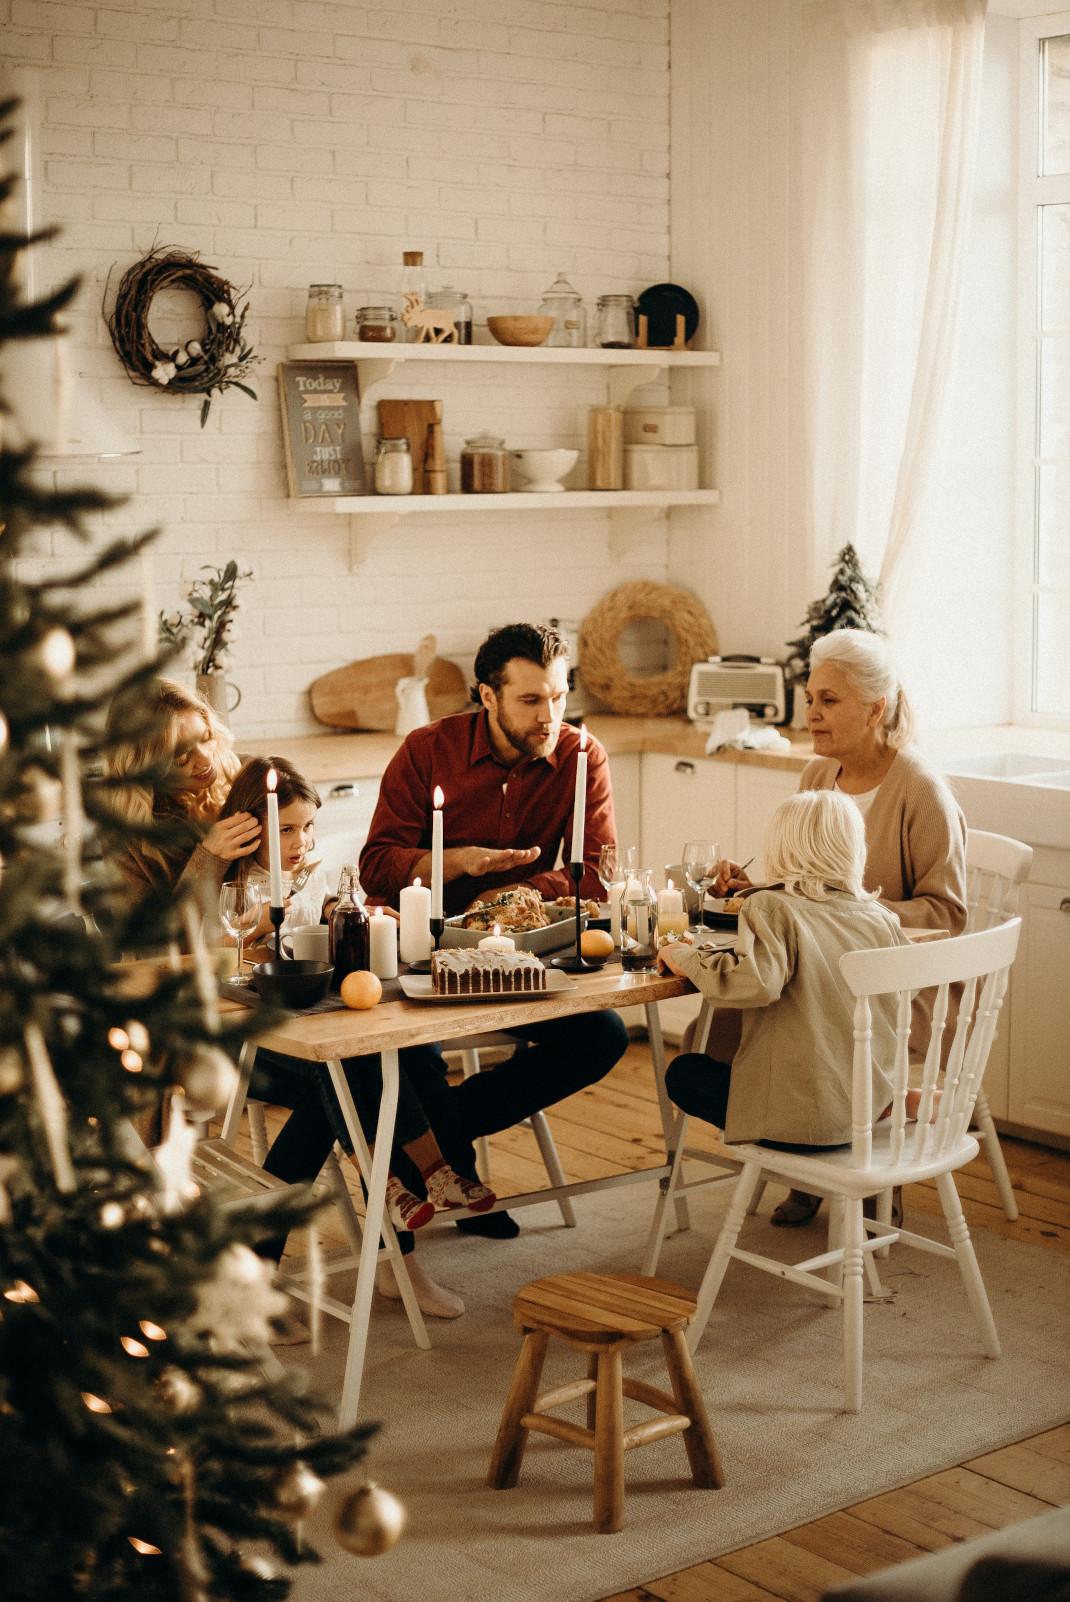 Λόγοι για τους οποίους τσακωνόμαστε τα Χριστούγεννα